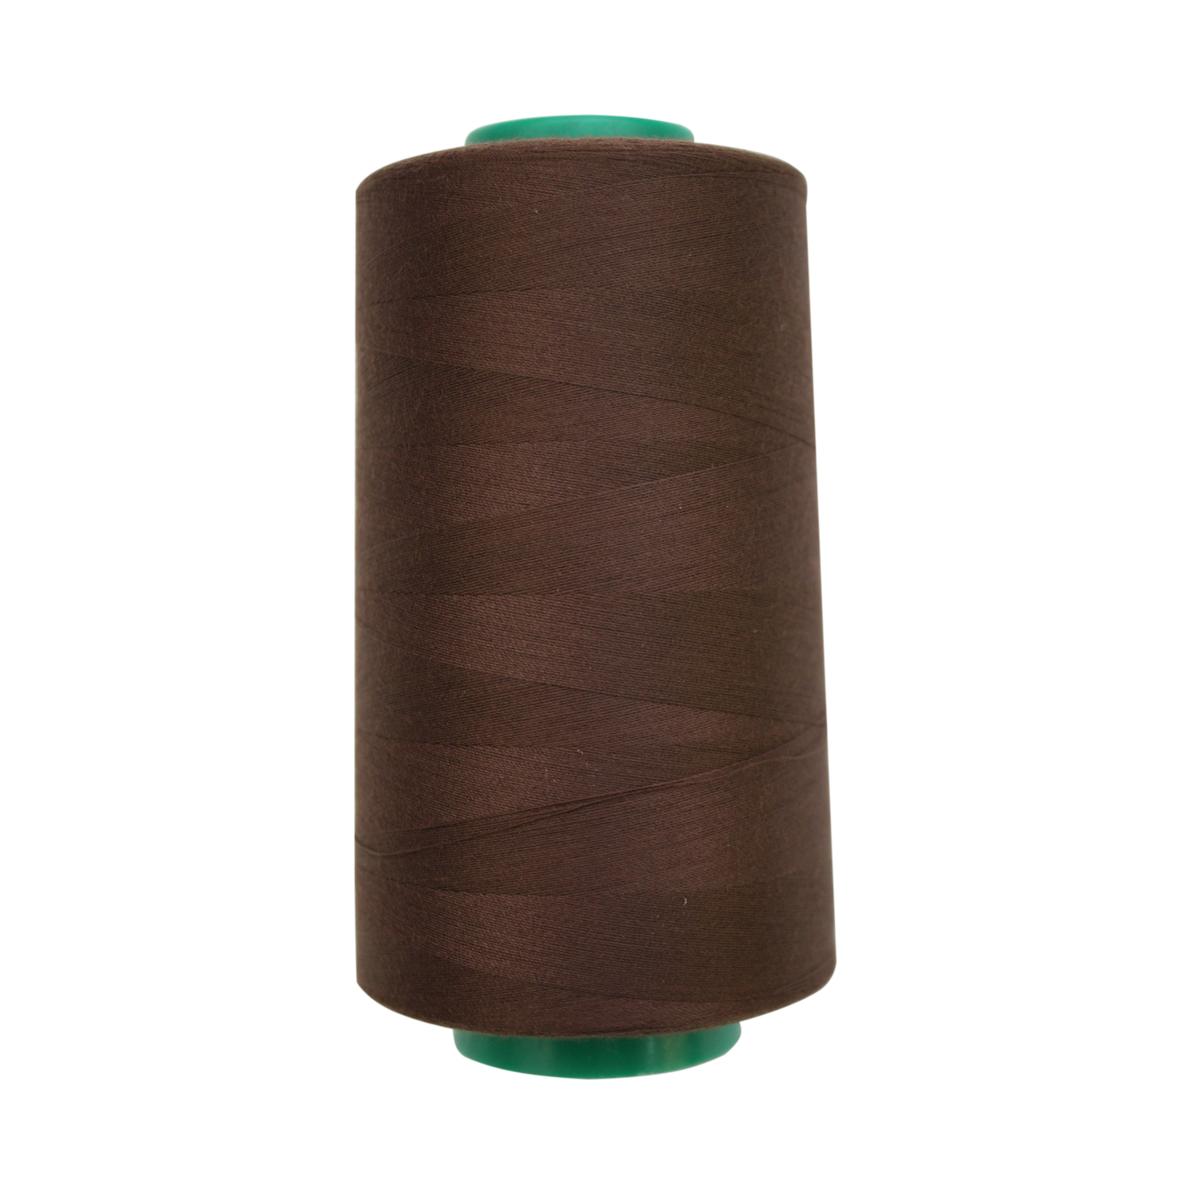 Нитки для шитья Bestex 50/2, 5000 ярд, цвет: т.т.шоколад (385)7700936-385Сфера использования: трикотаж; ткани малого веса; оверлочные швы; отделка краев; вышивка. Размер игл №70-80